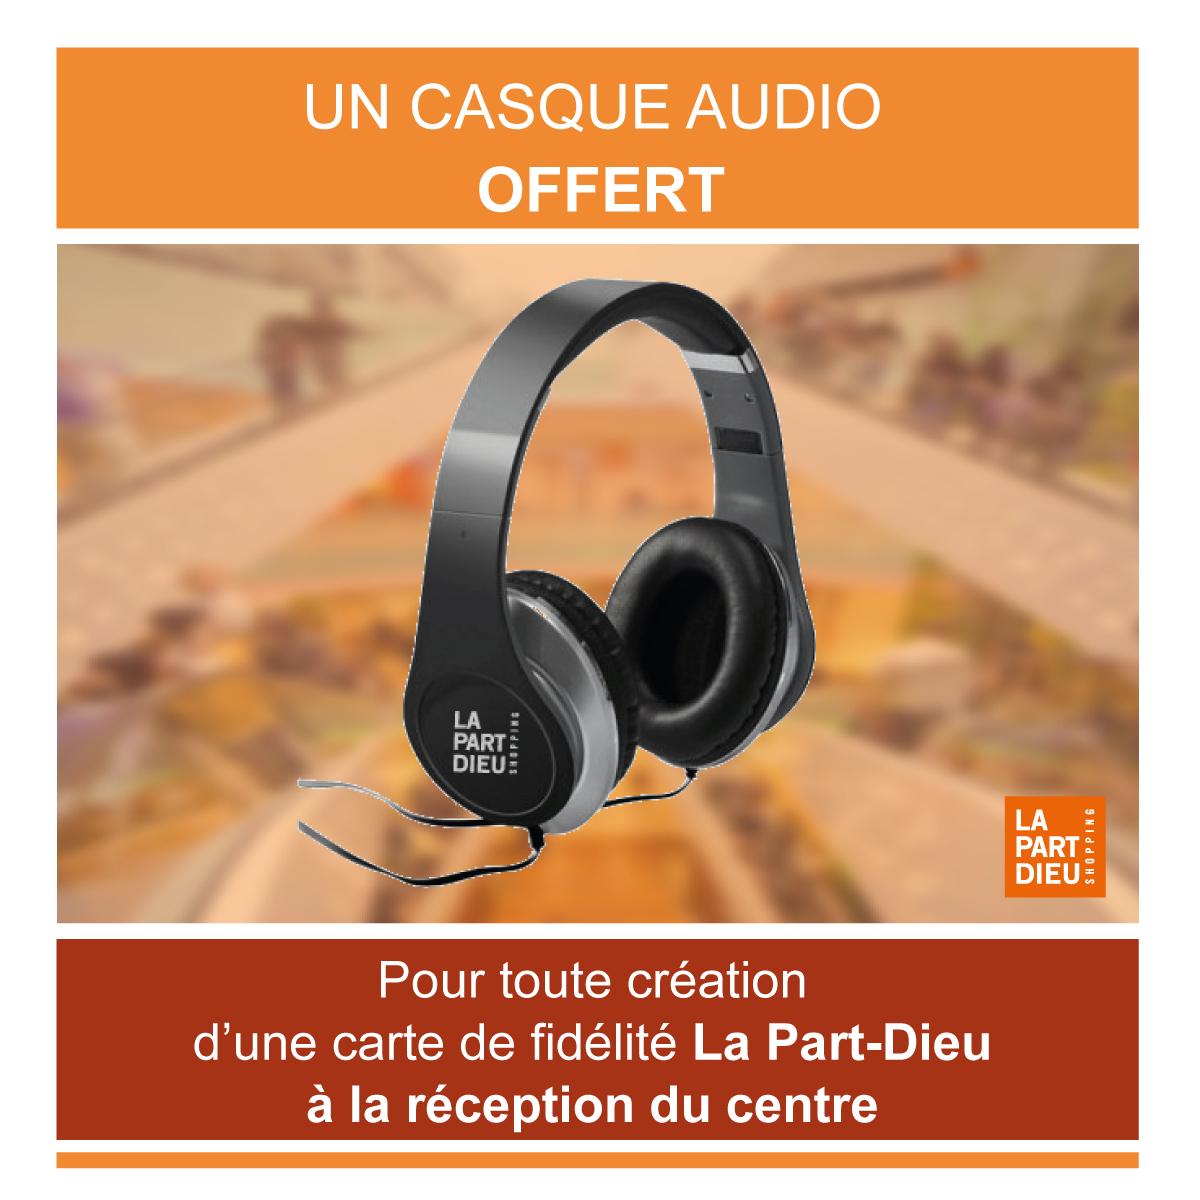 Casque Audio offert pour toute création d'une carte de fidélité Part-Dieu - Lyon (69)